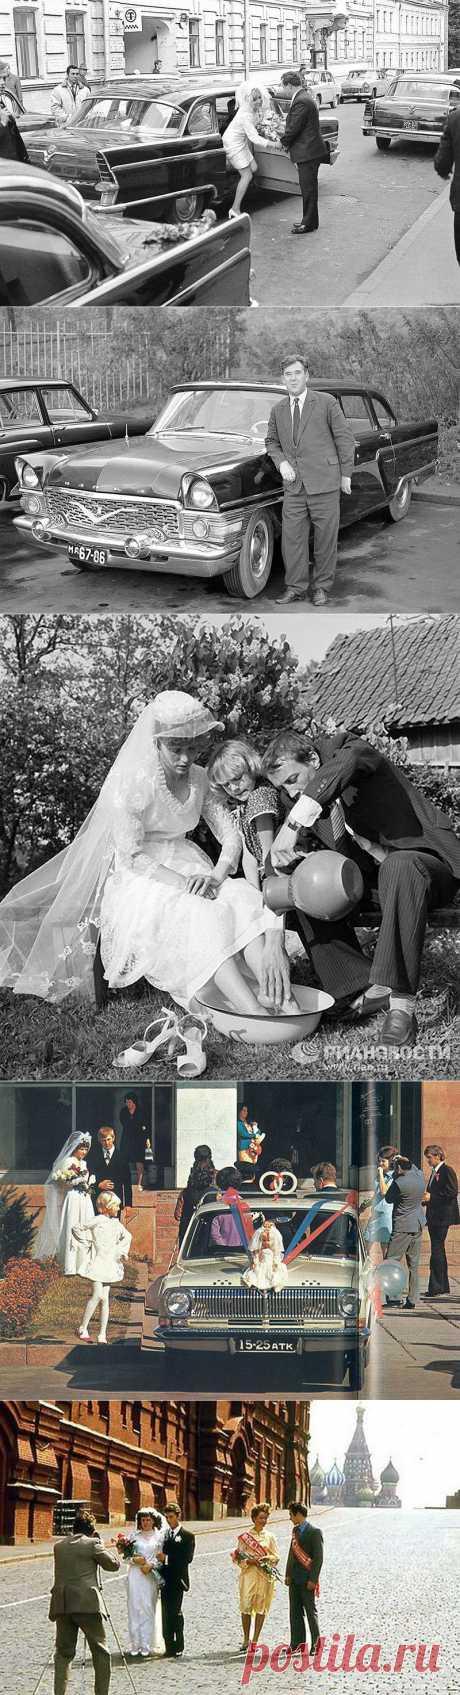 Любопытные факты о бракосочетаниях в СССР : НОВОСТИ В ФОТОГРАФИЯХ